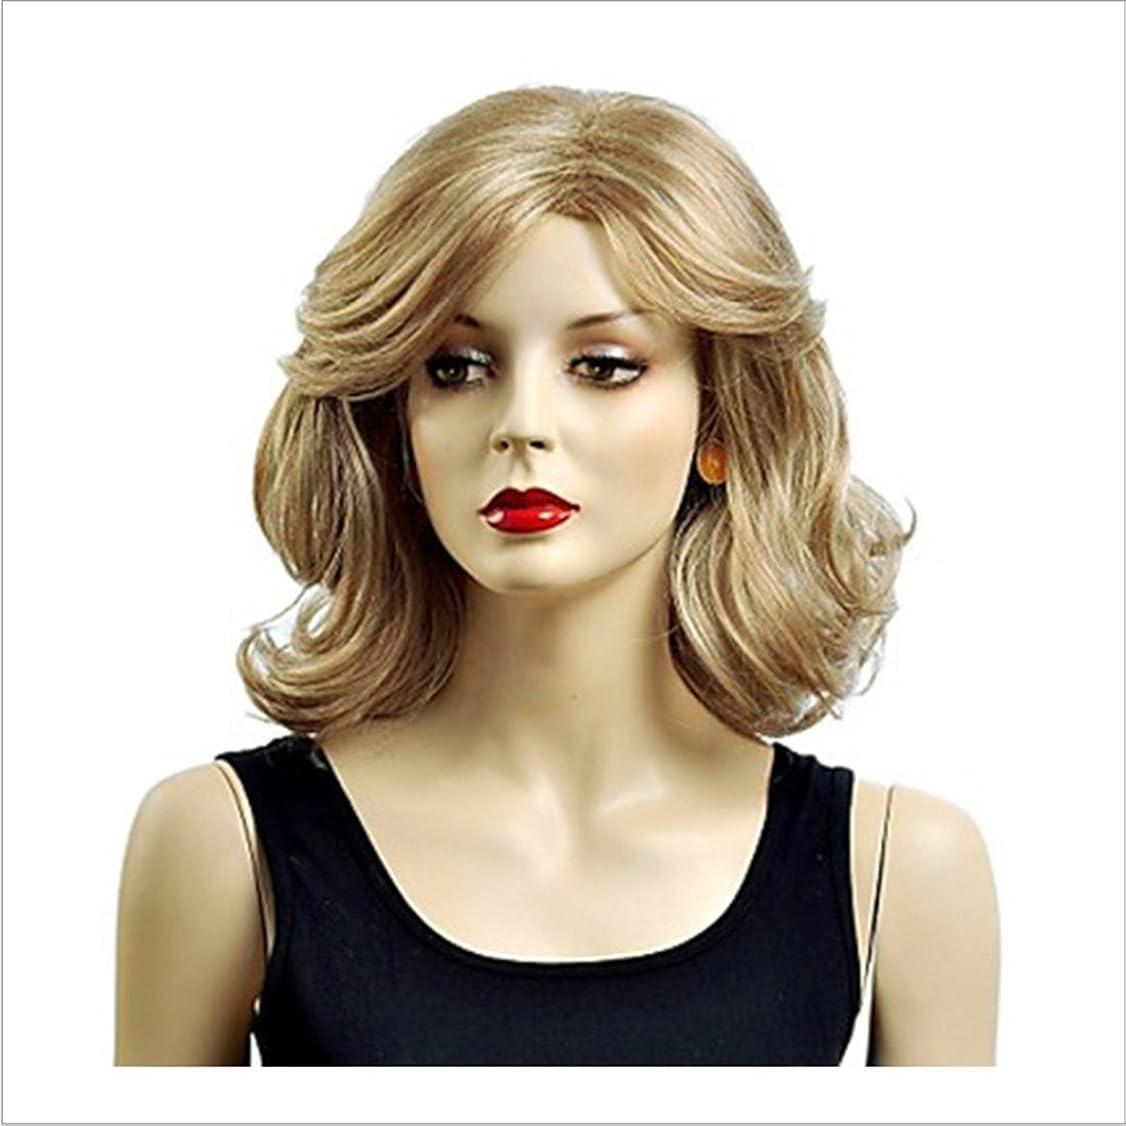 興奮する洗剤例示するBOBIDYEE 白人女性のためのかつらゴールドカーリーウィッグショートふわふわウェーブのかかった人工毛ナチュラルルッキングカーリーウィッグデイリーウィッグ耐熱で分割前髪付き16 '' 180g(ゴールド)ファッションウィッグ (色 : ゴールド)